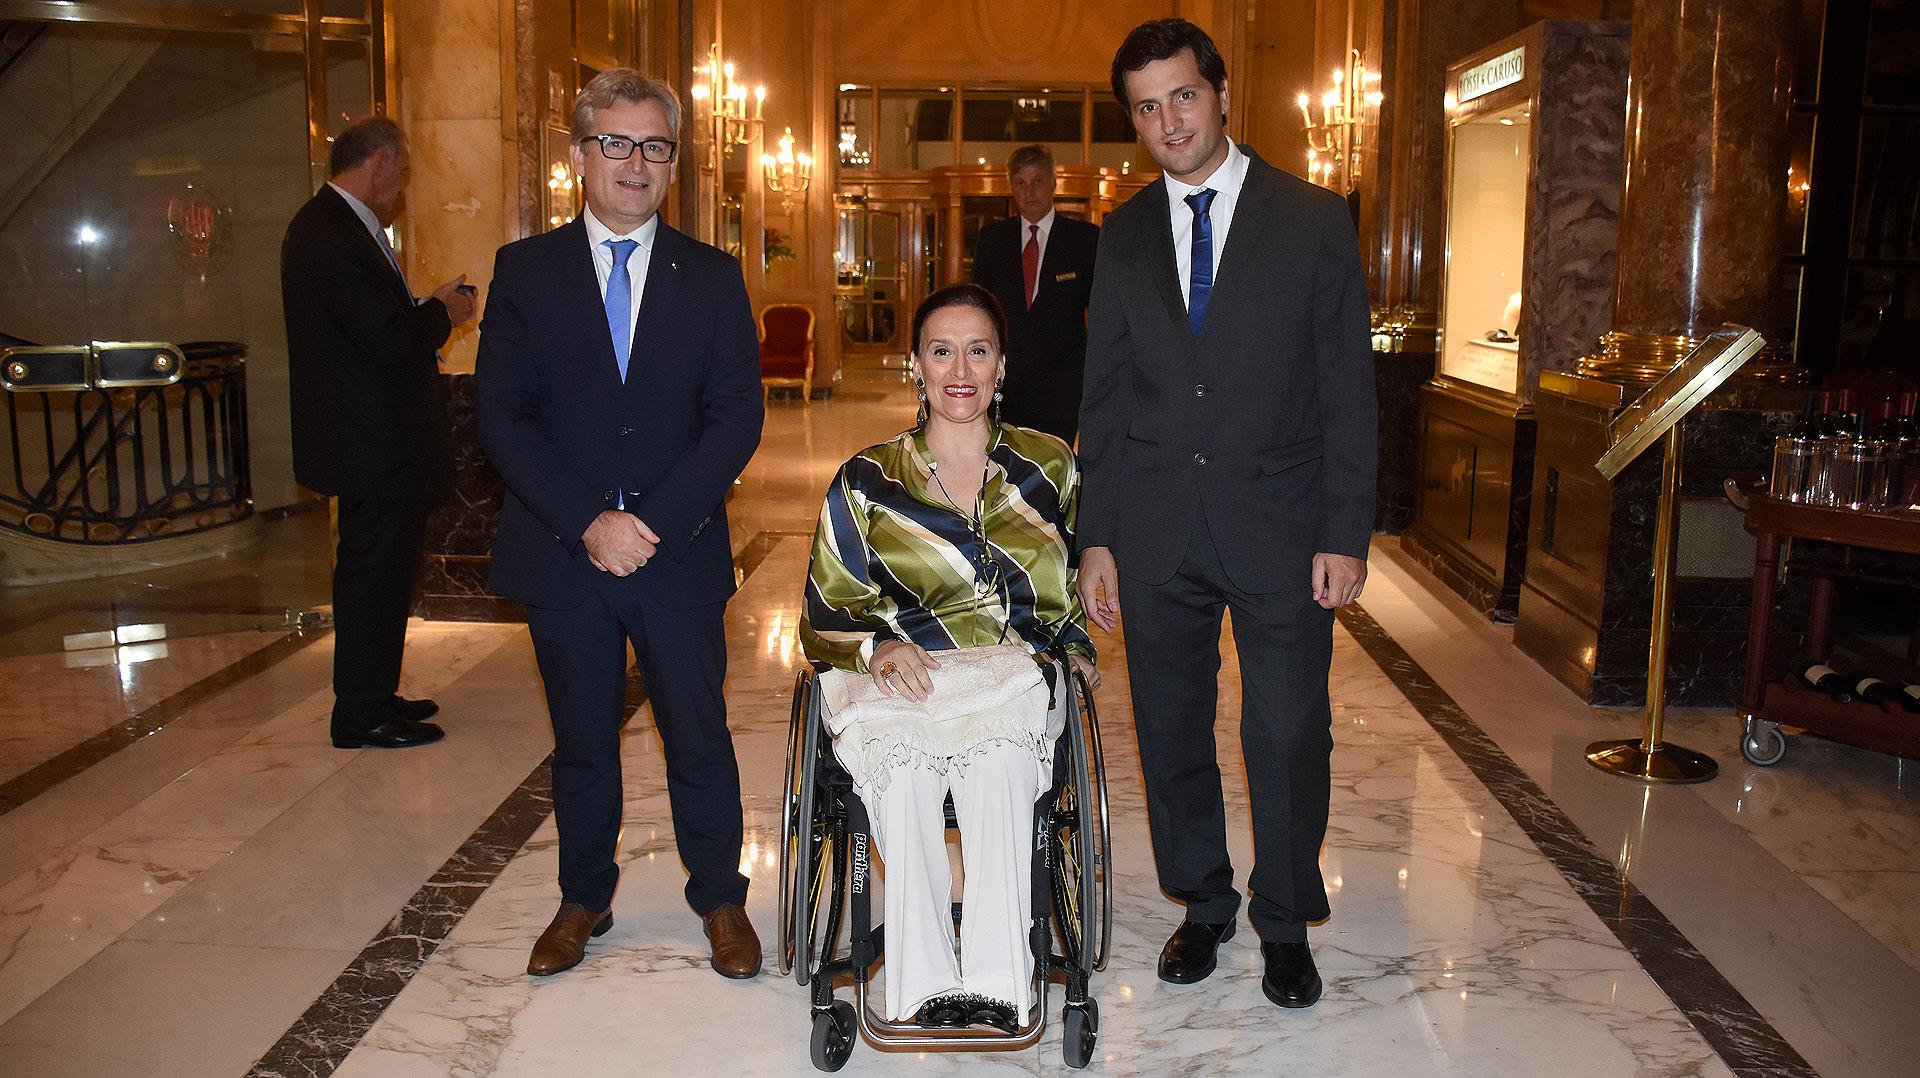 La vicepresidenta de la Nación, Gabriela Michetti, junto a Eric Castanier, presidente de Cascos Verdes, y a su fundador, Javier Ureta Saenz Peña